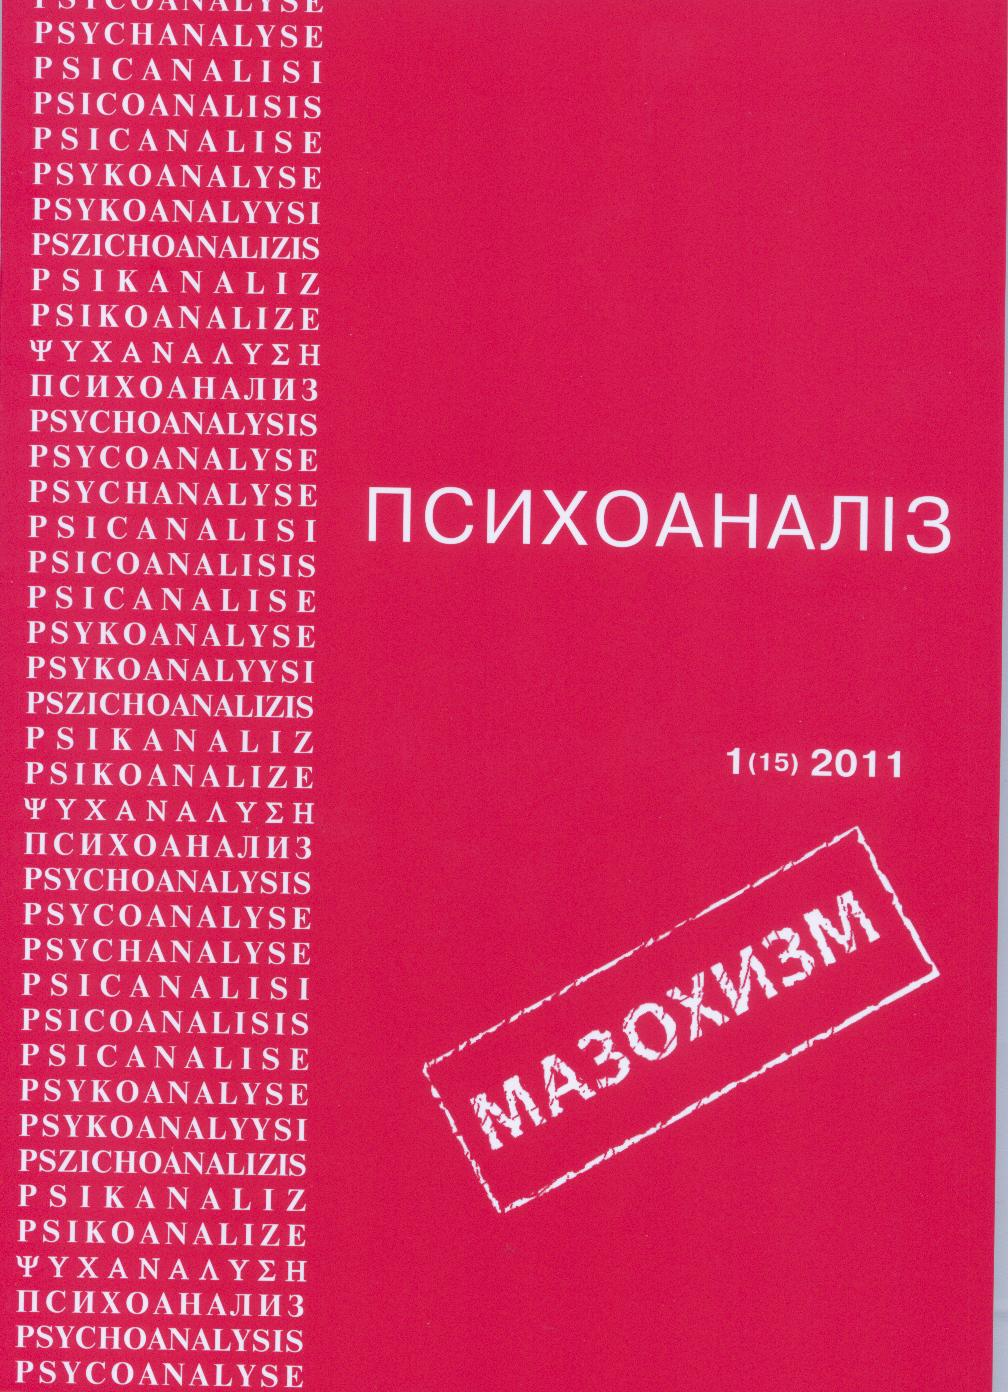 Психоанализ 1(15), 2011